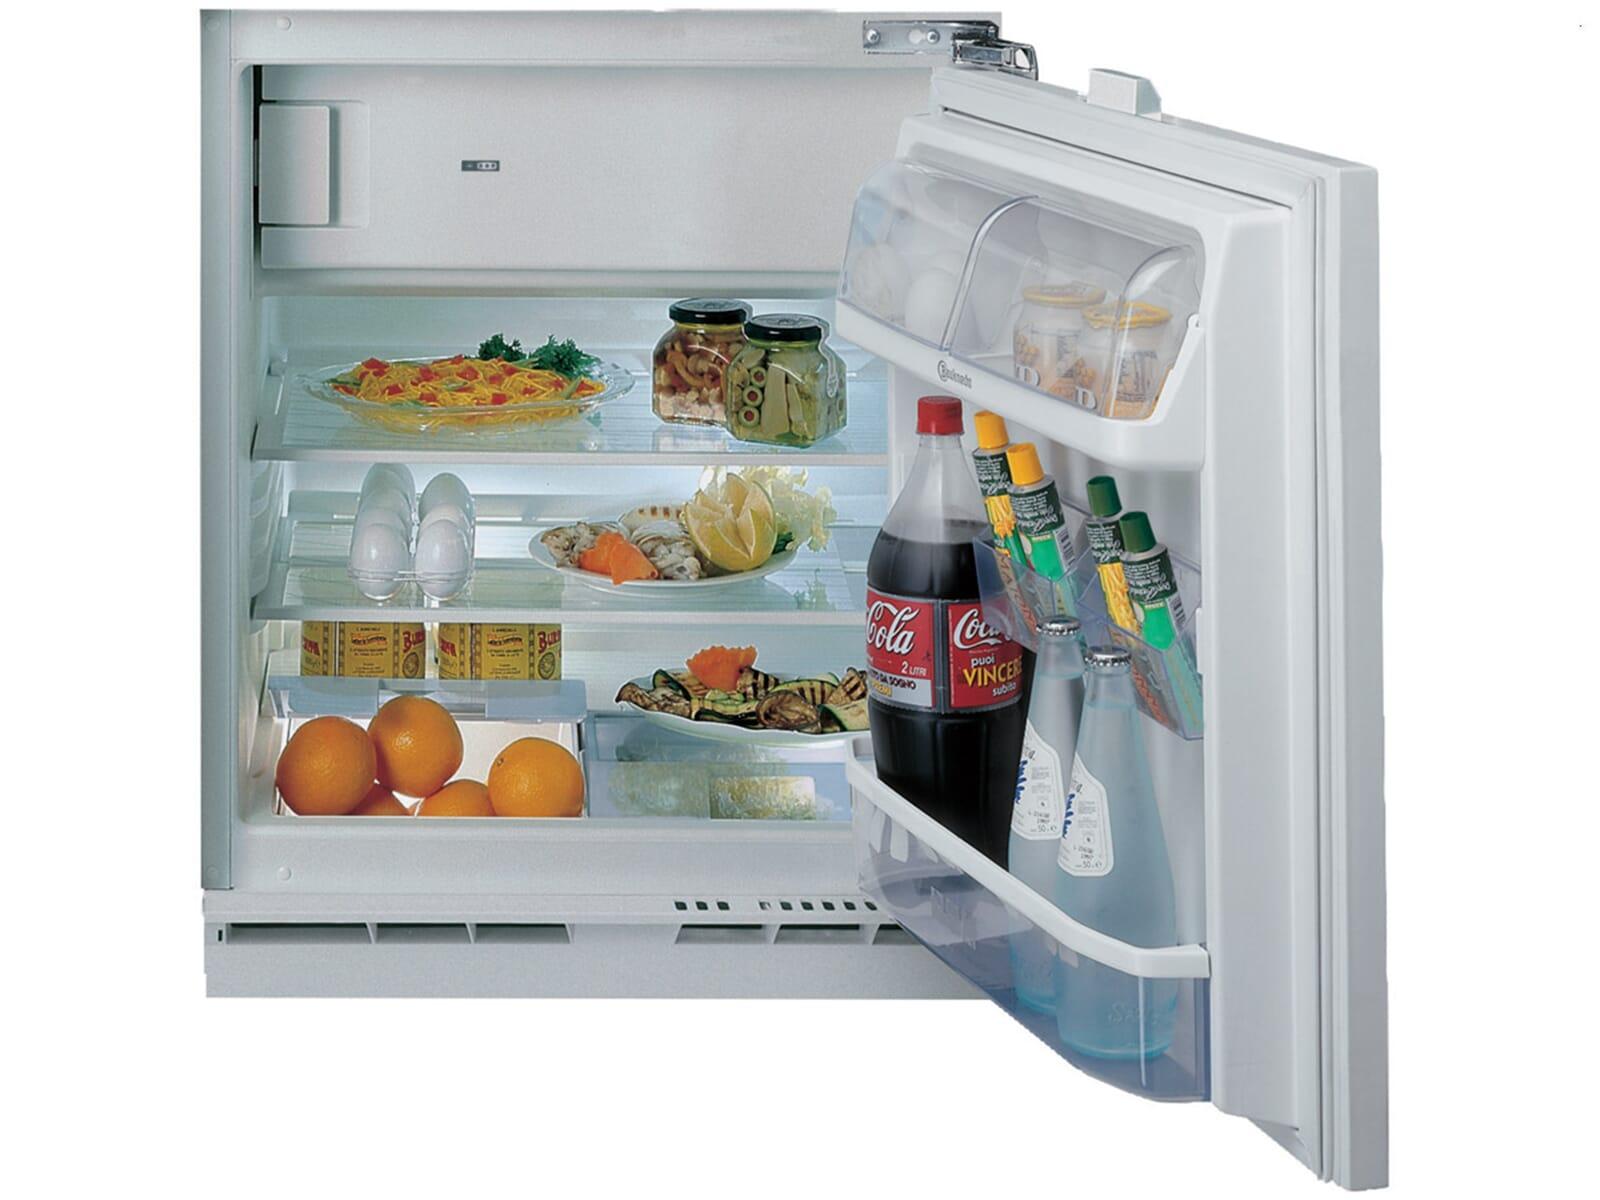 Kühlschrank Bosch Oder Bauknecht : Bauknecht uvi a unterbaukühlschrank